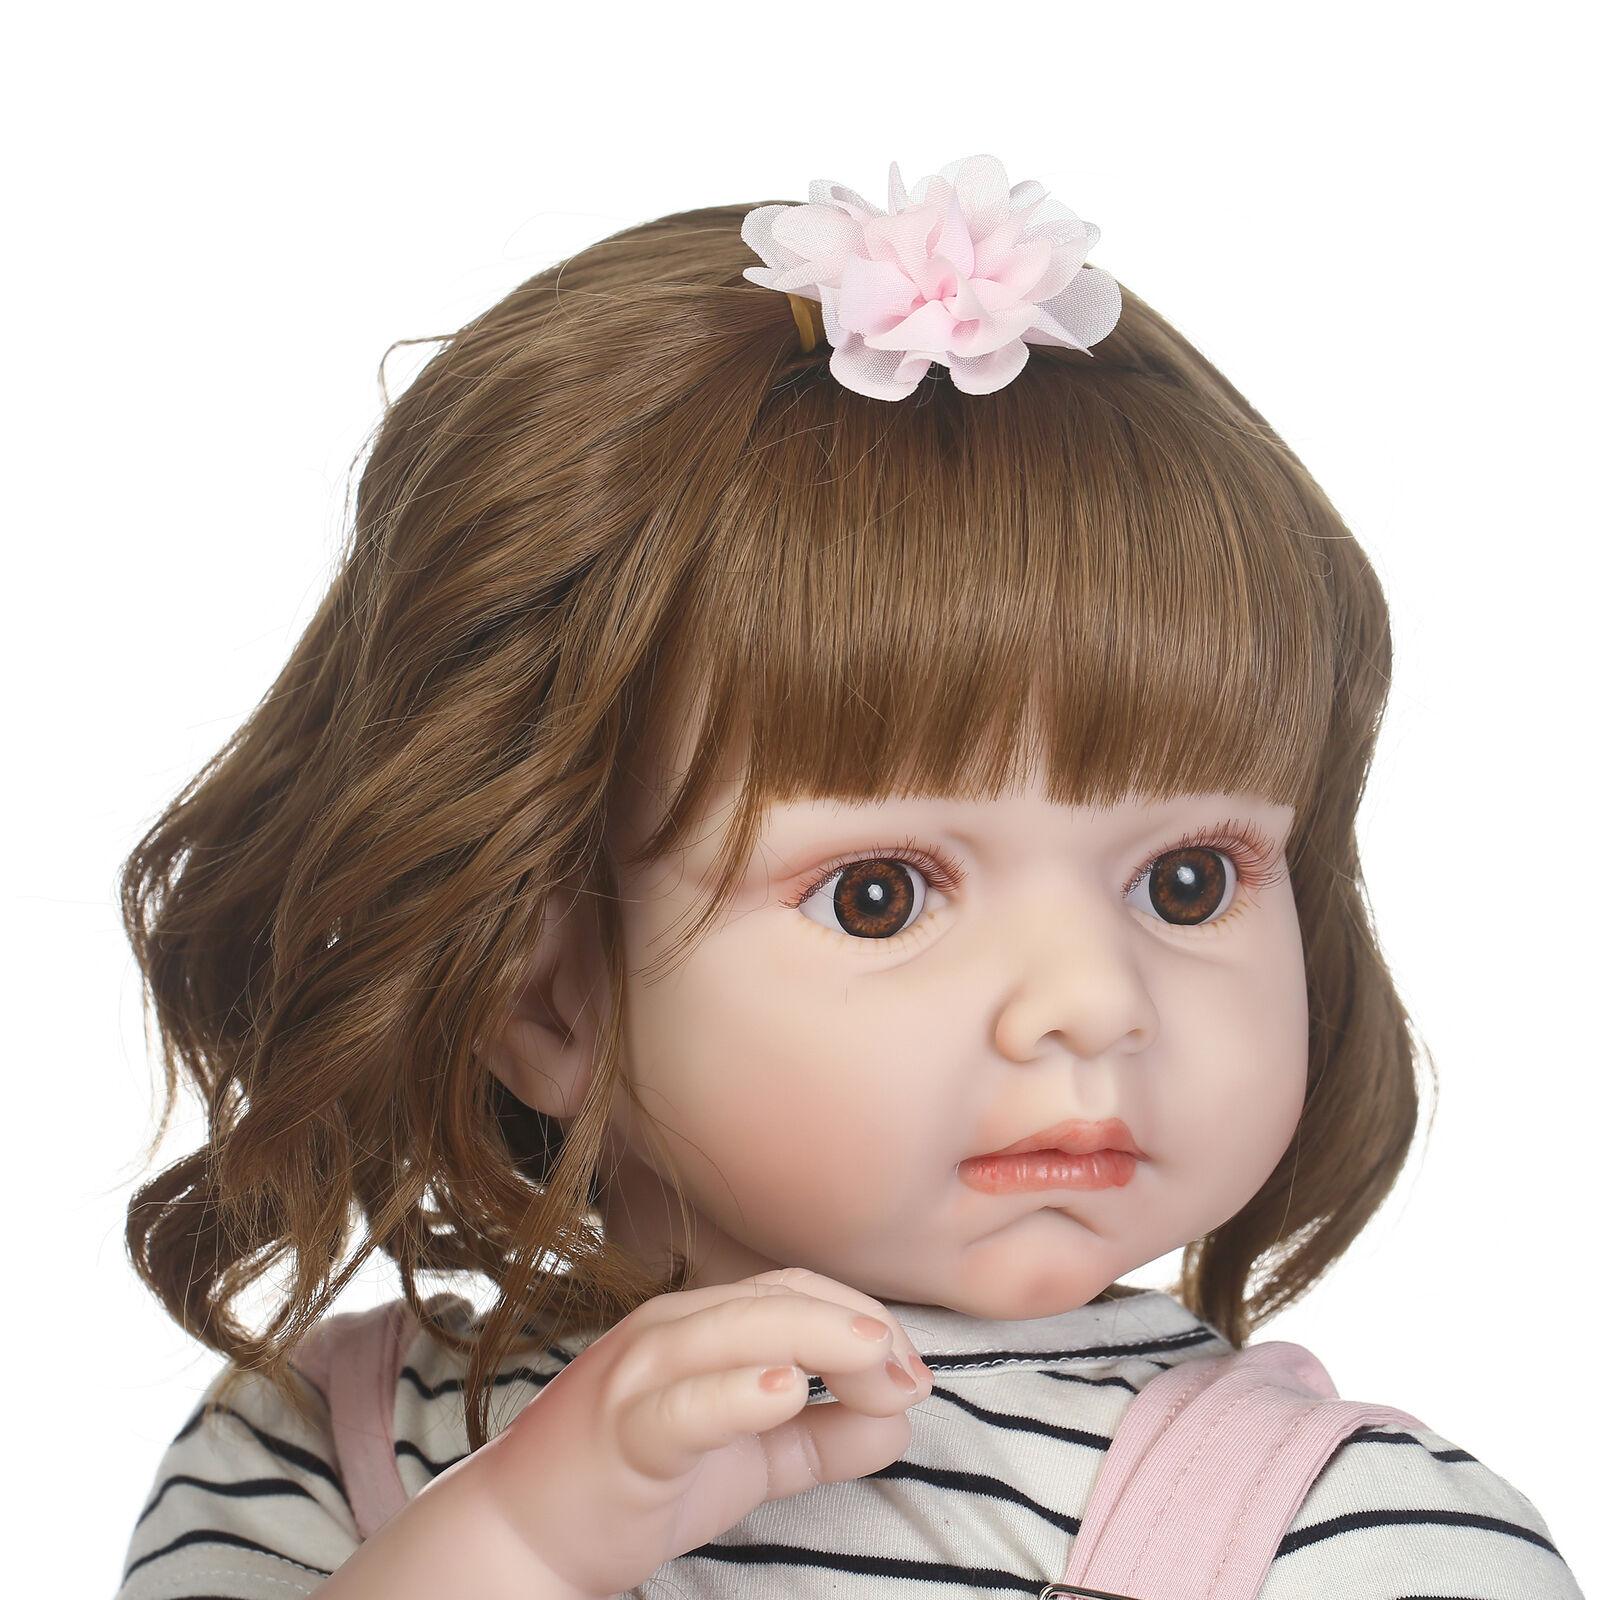 Niño Muñecas Reborn Bebé Niñas Muñeca de vinilo suave realista del Niño Infantil Regalos 28